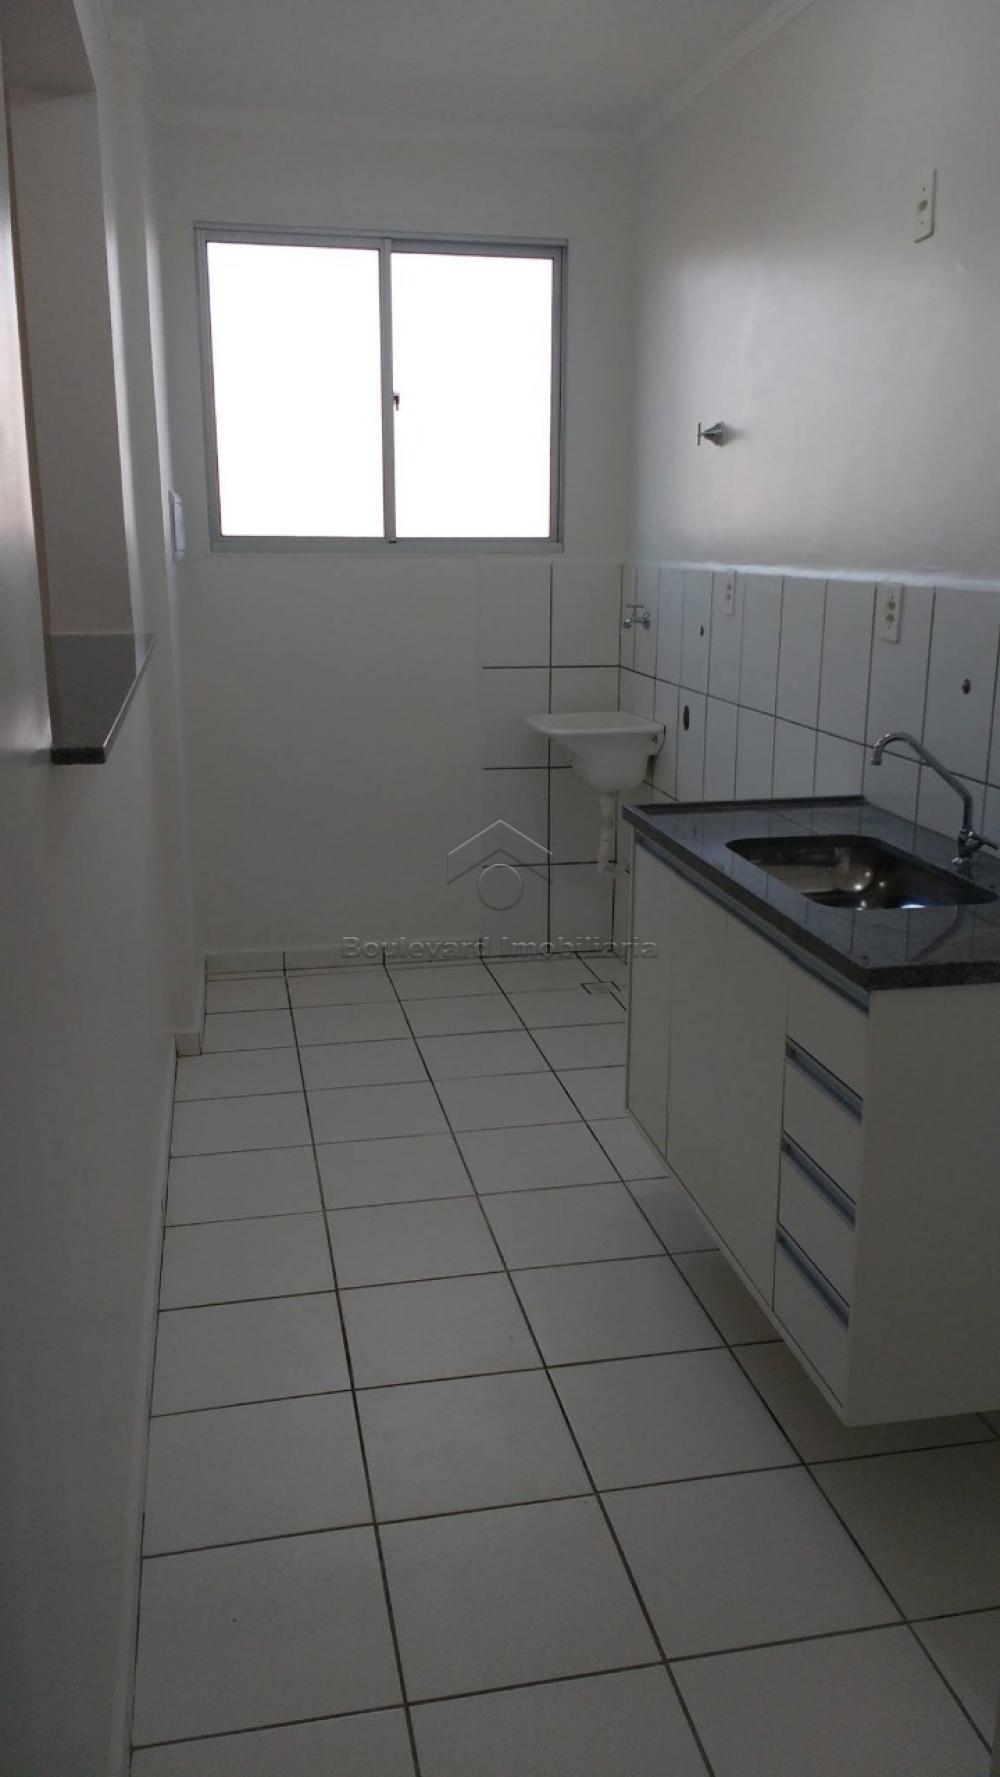 Alugar Apartamento / Padrão em Bonfim Paulista R$ 1.000,00 - Foto 6